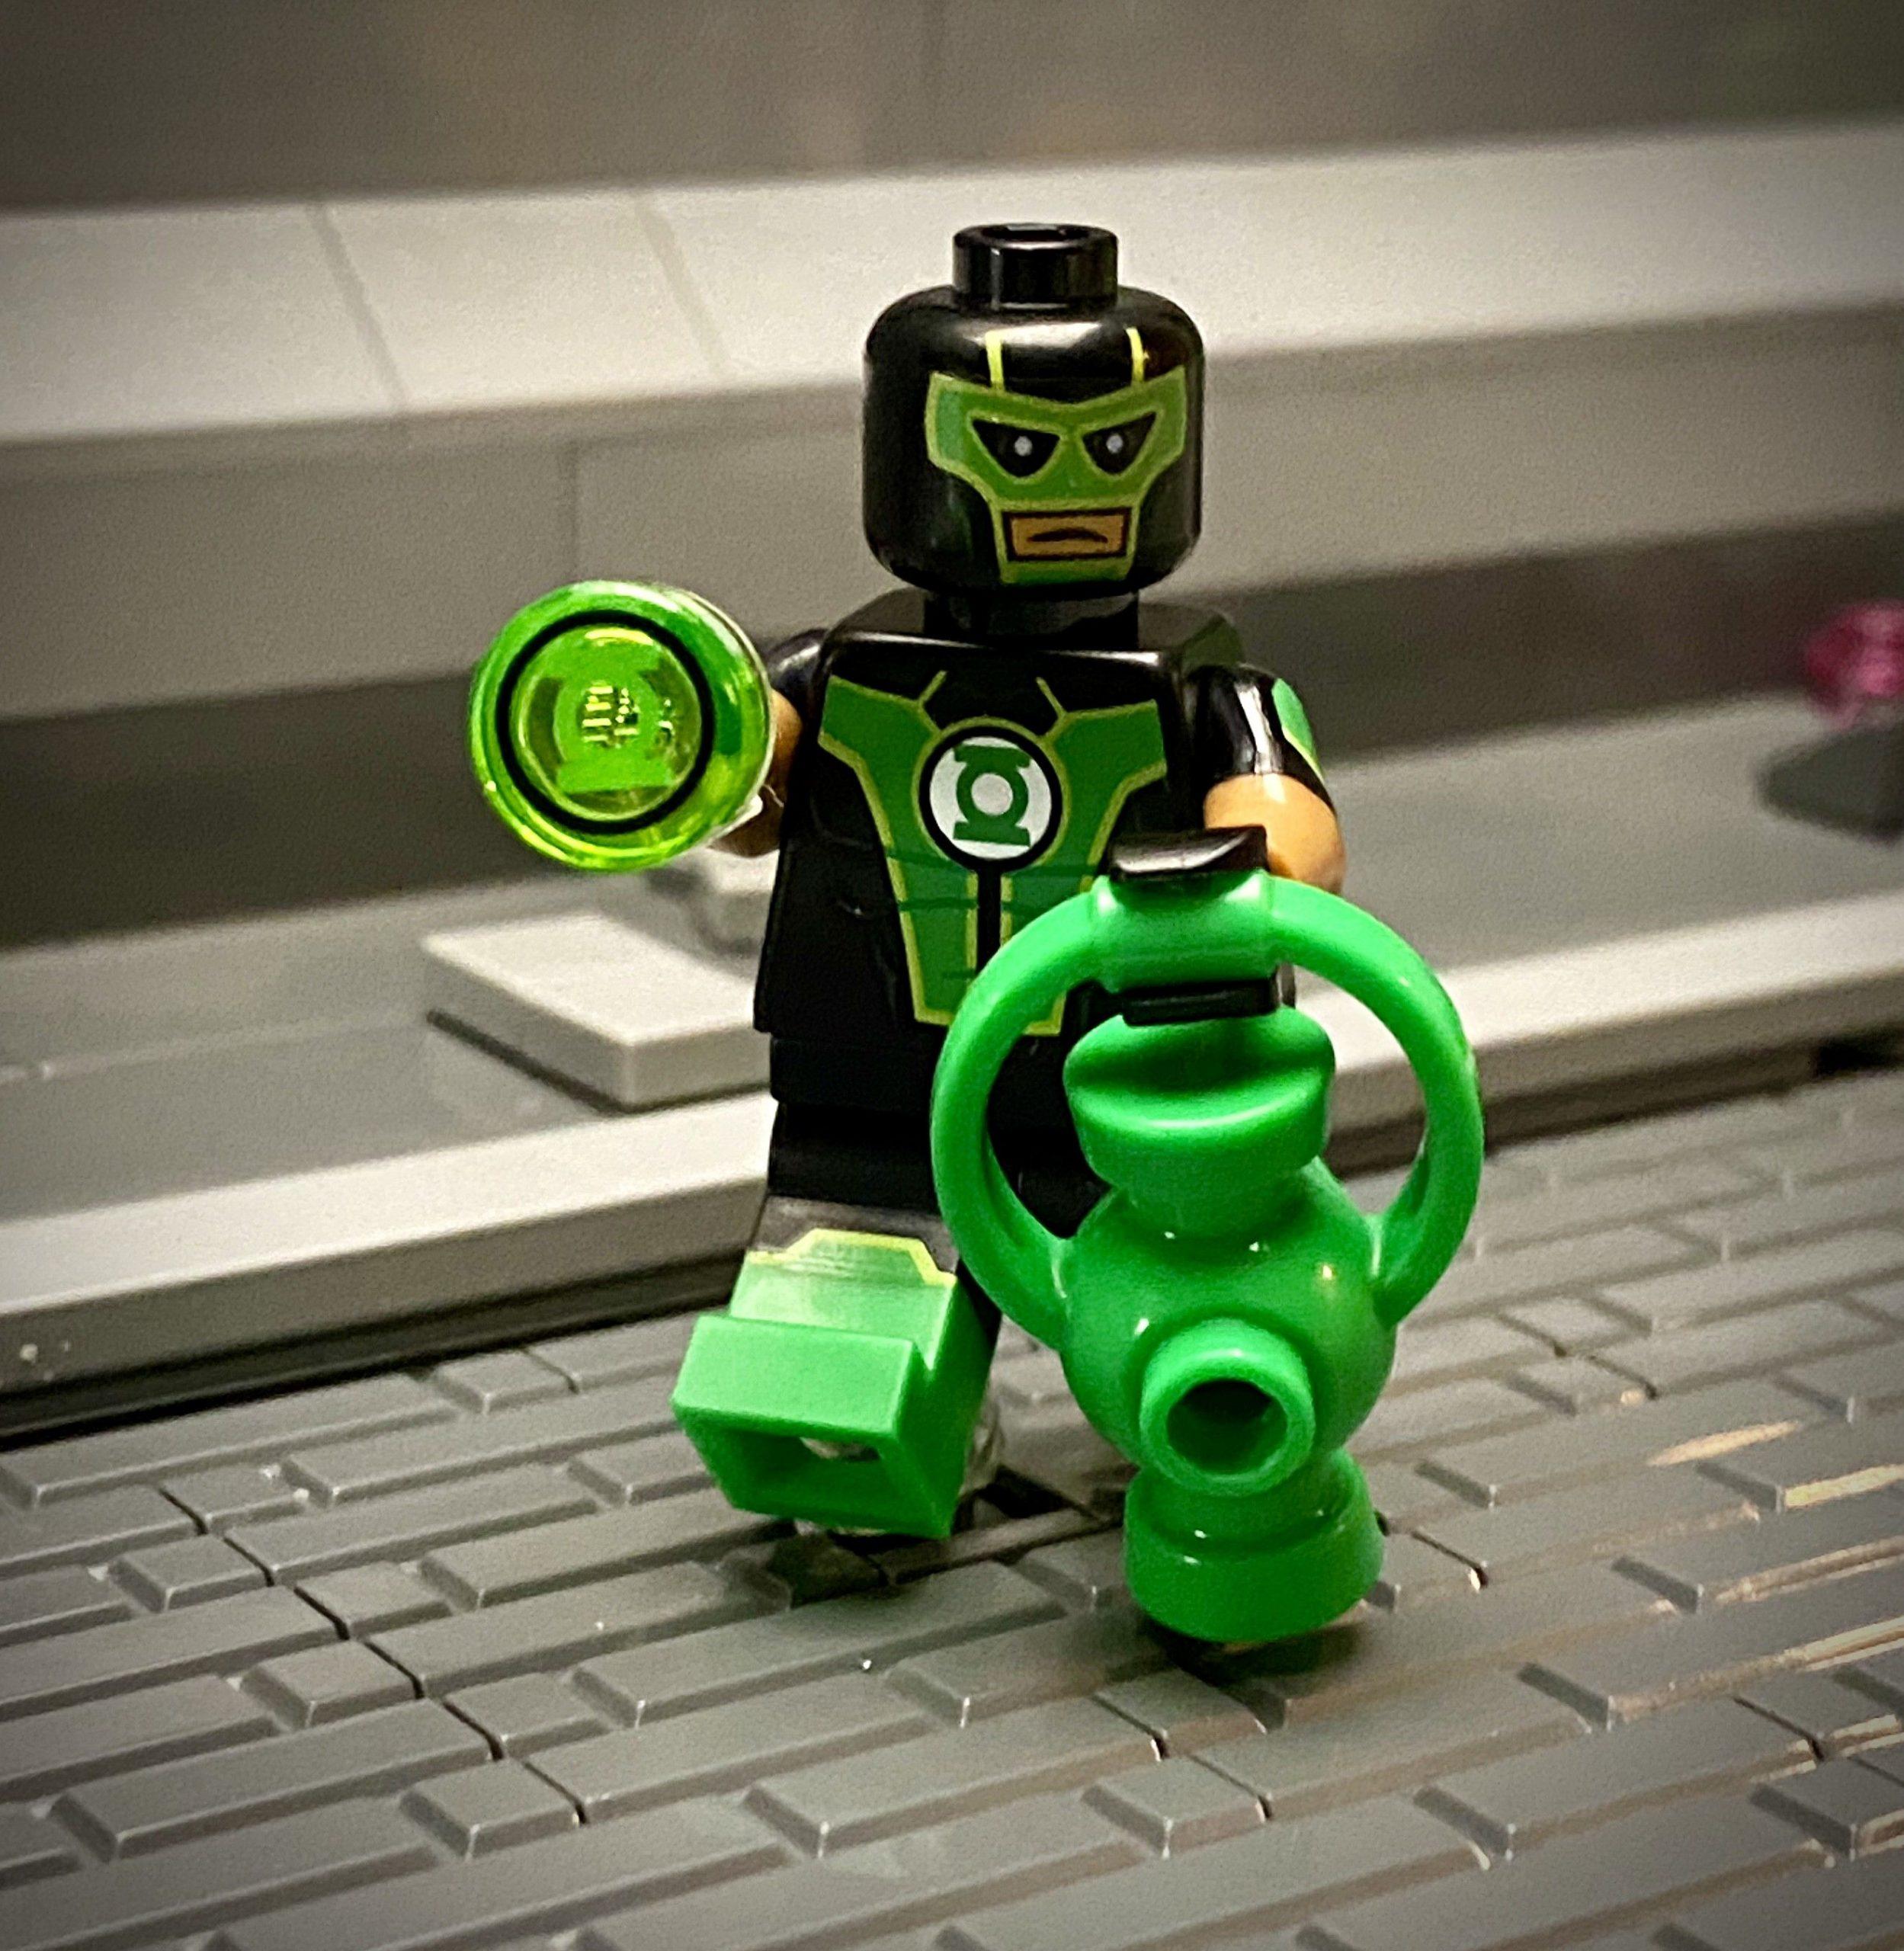 Lego Green Lantern | SG MiniFigures